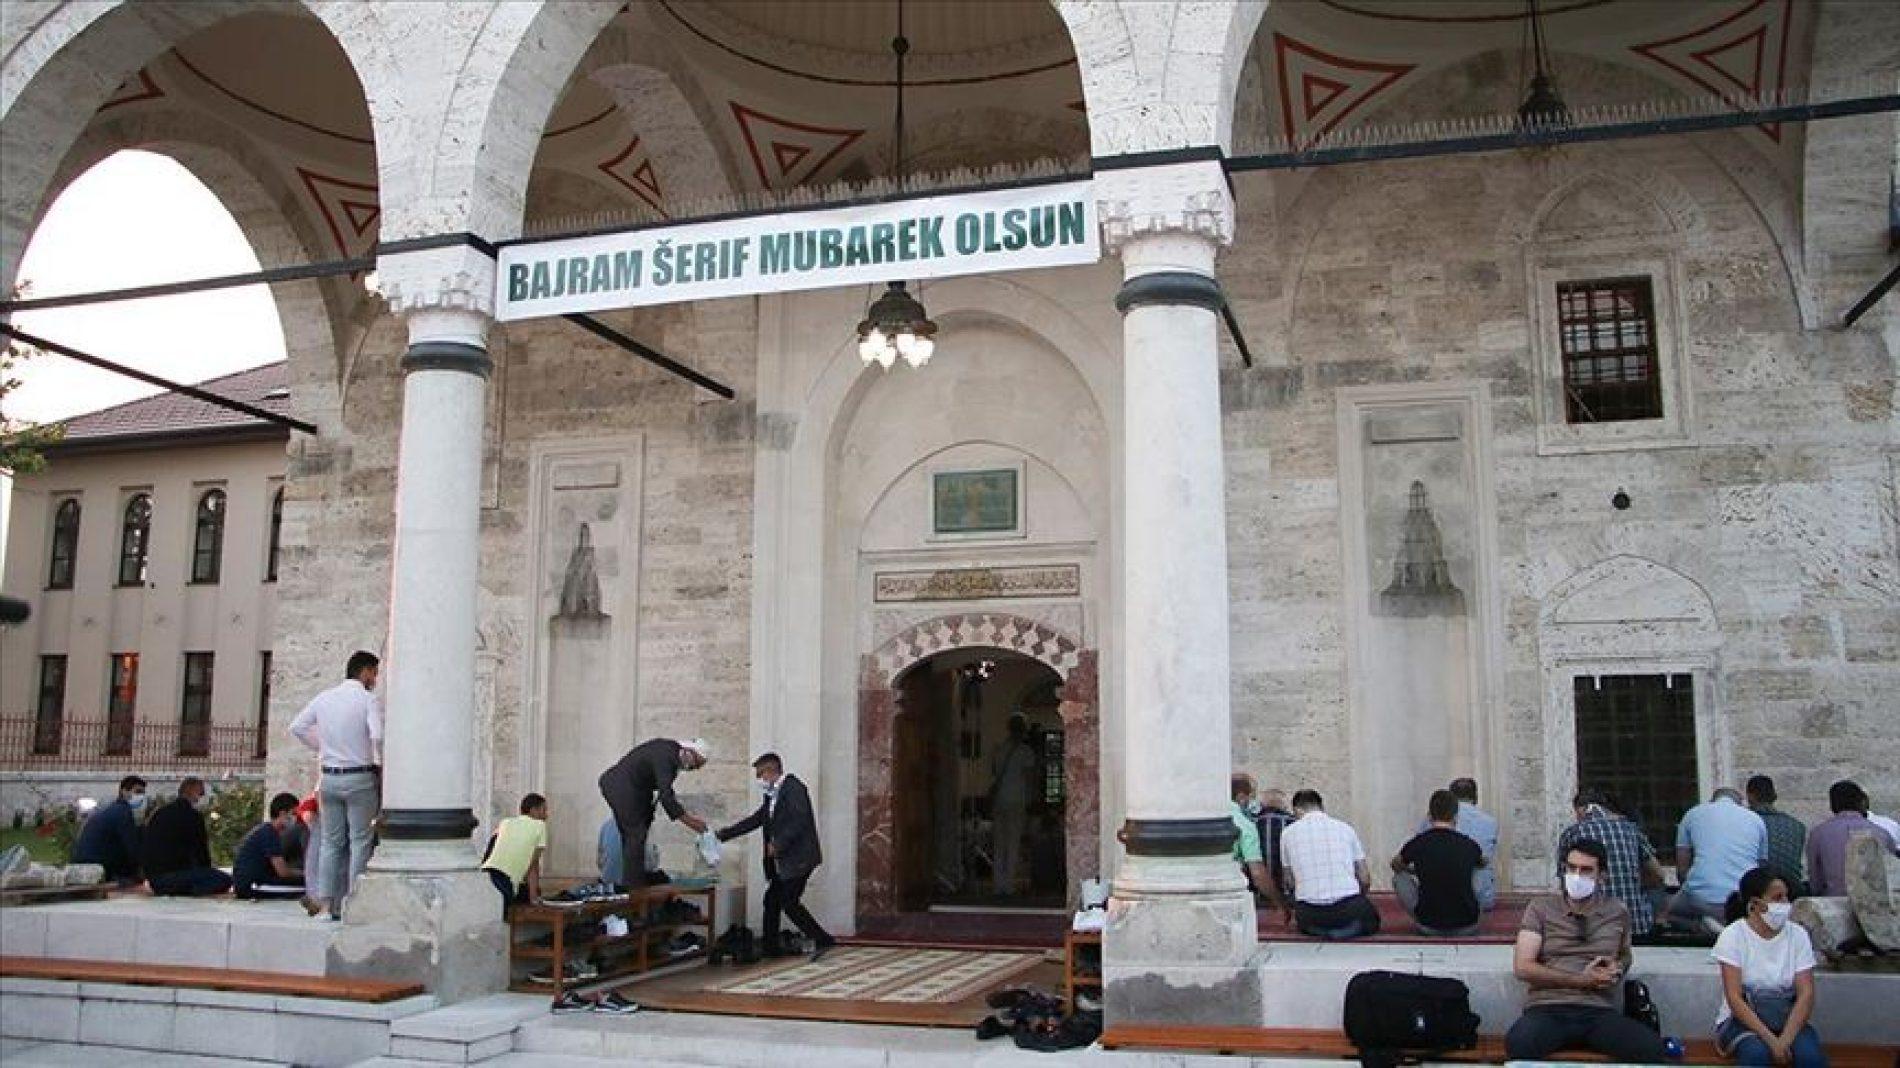 Bajram-namaz u Ferhadiji u Banjaluci